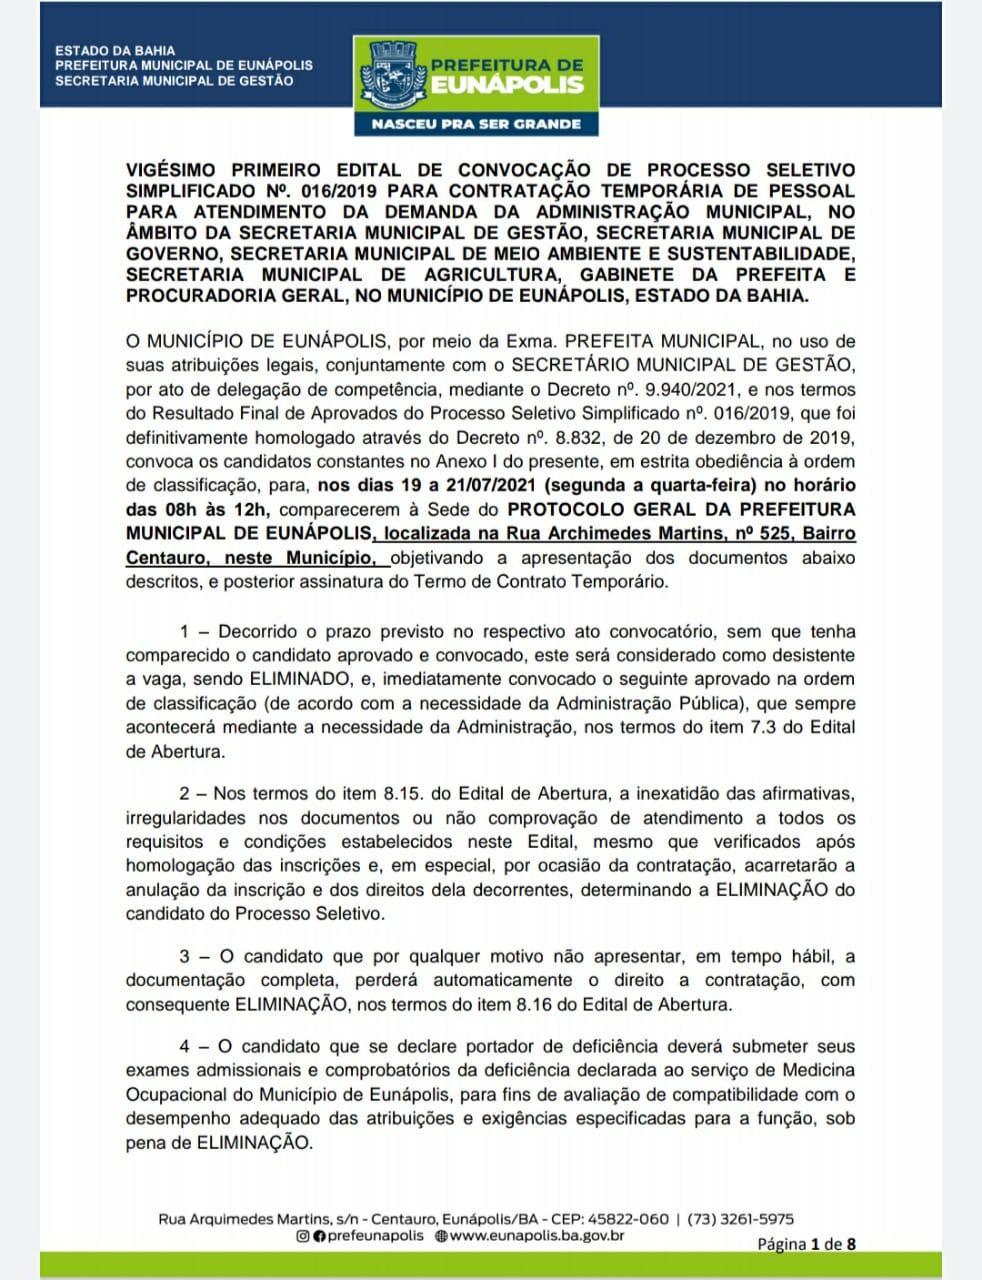 Prefeitura de Eunápolis convoca aprovados em processos seletivos 23